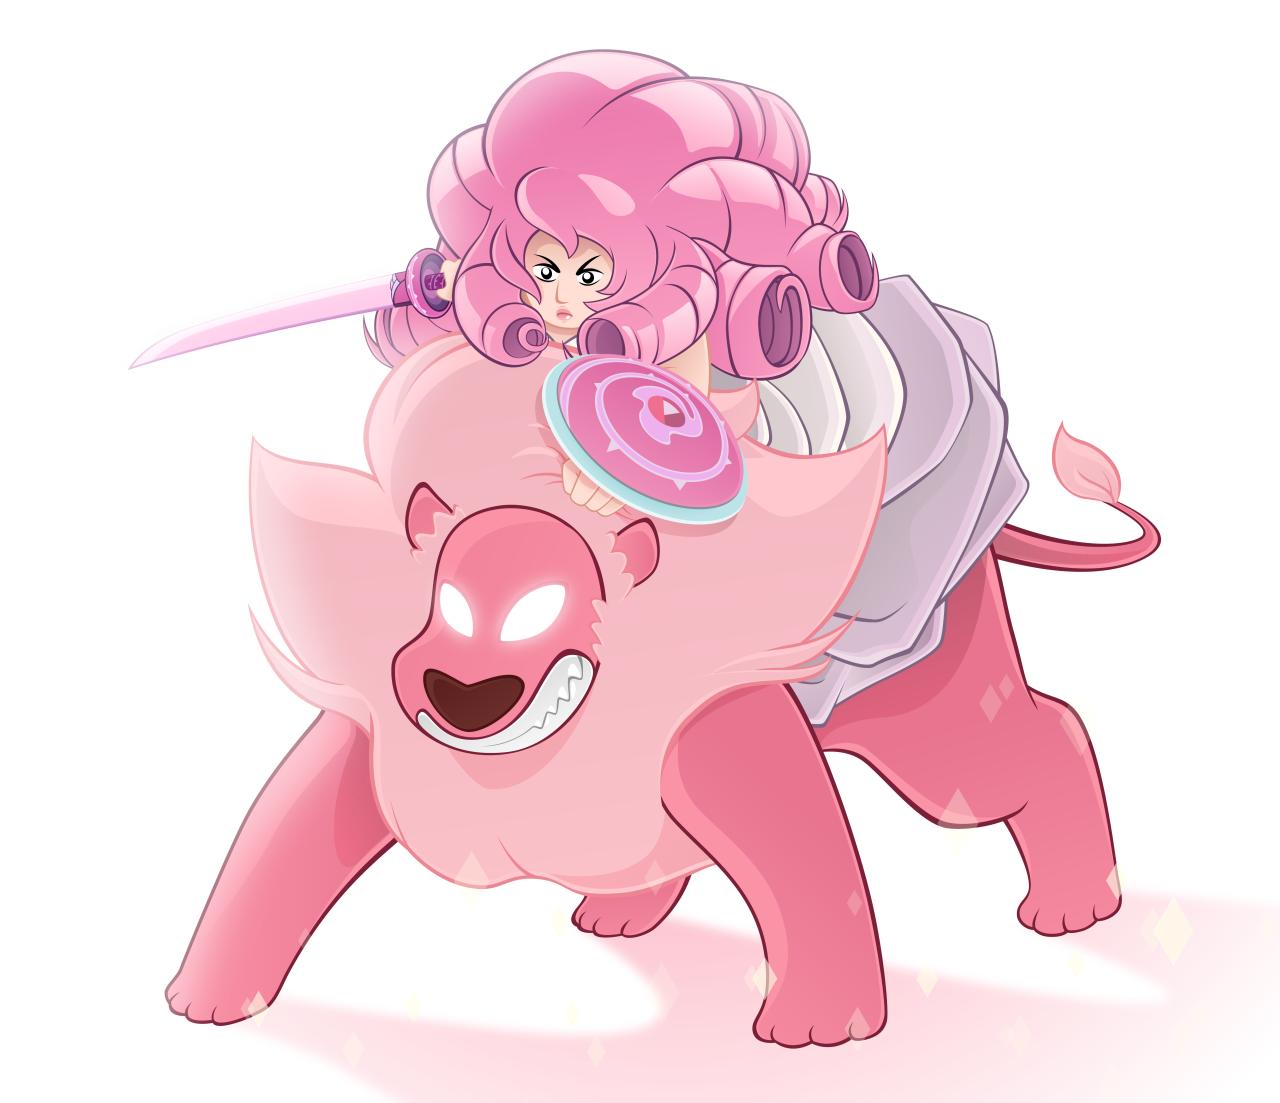 Rose Quartz + Lion (steven universe)